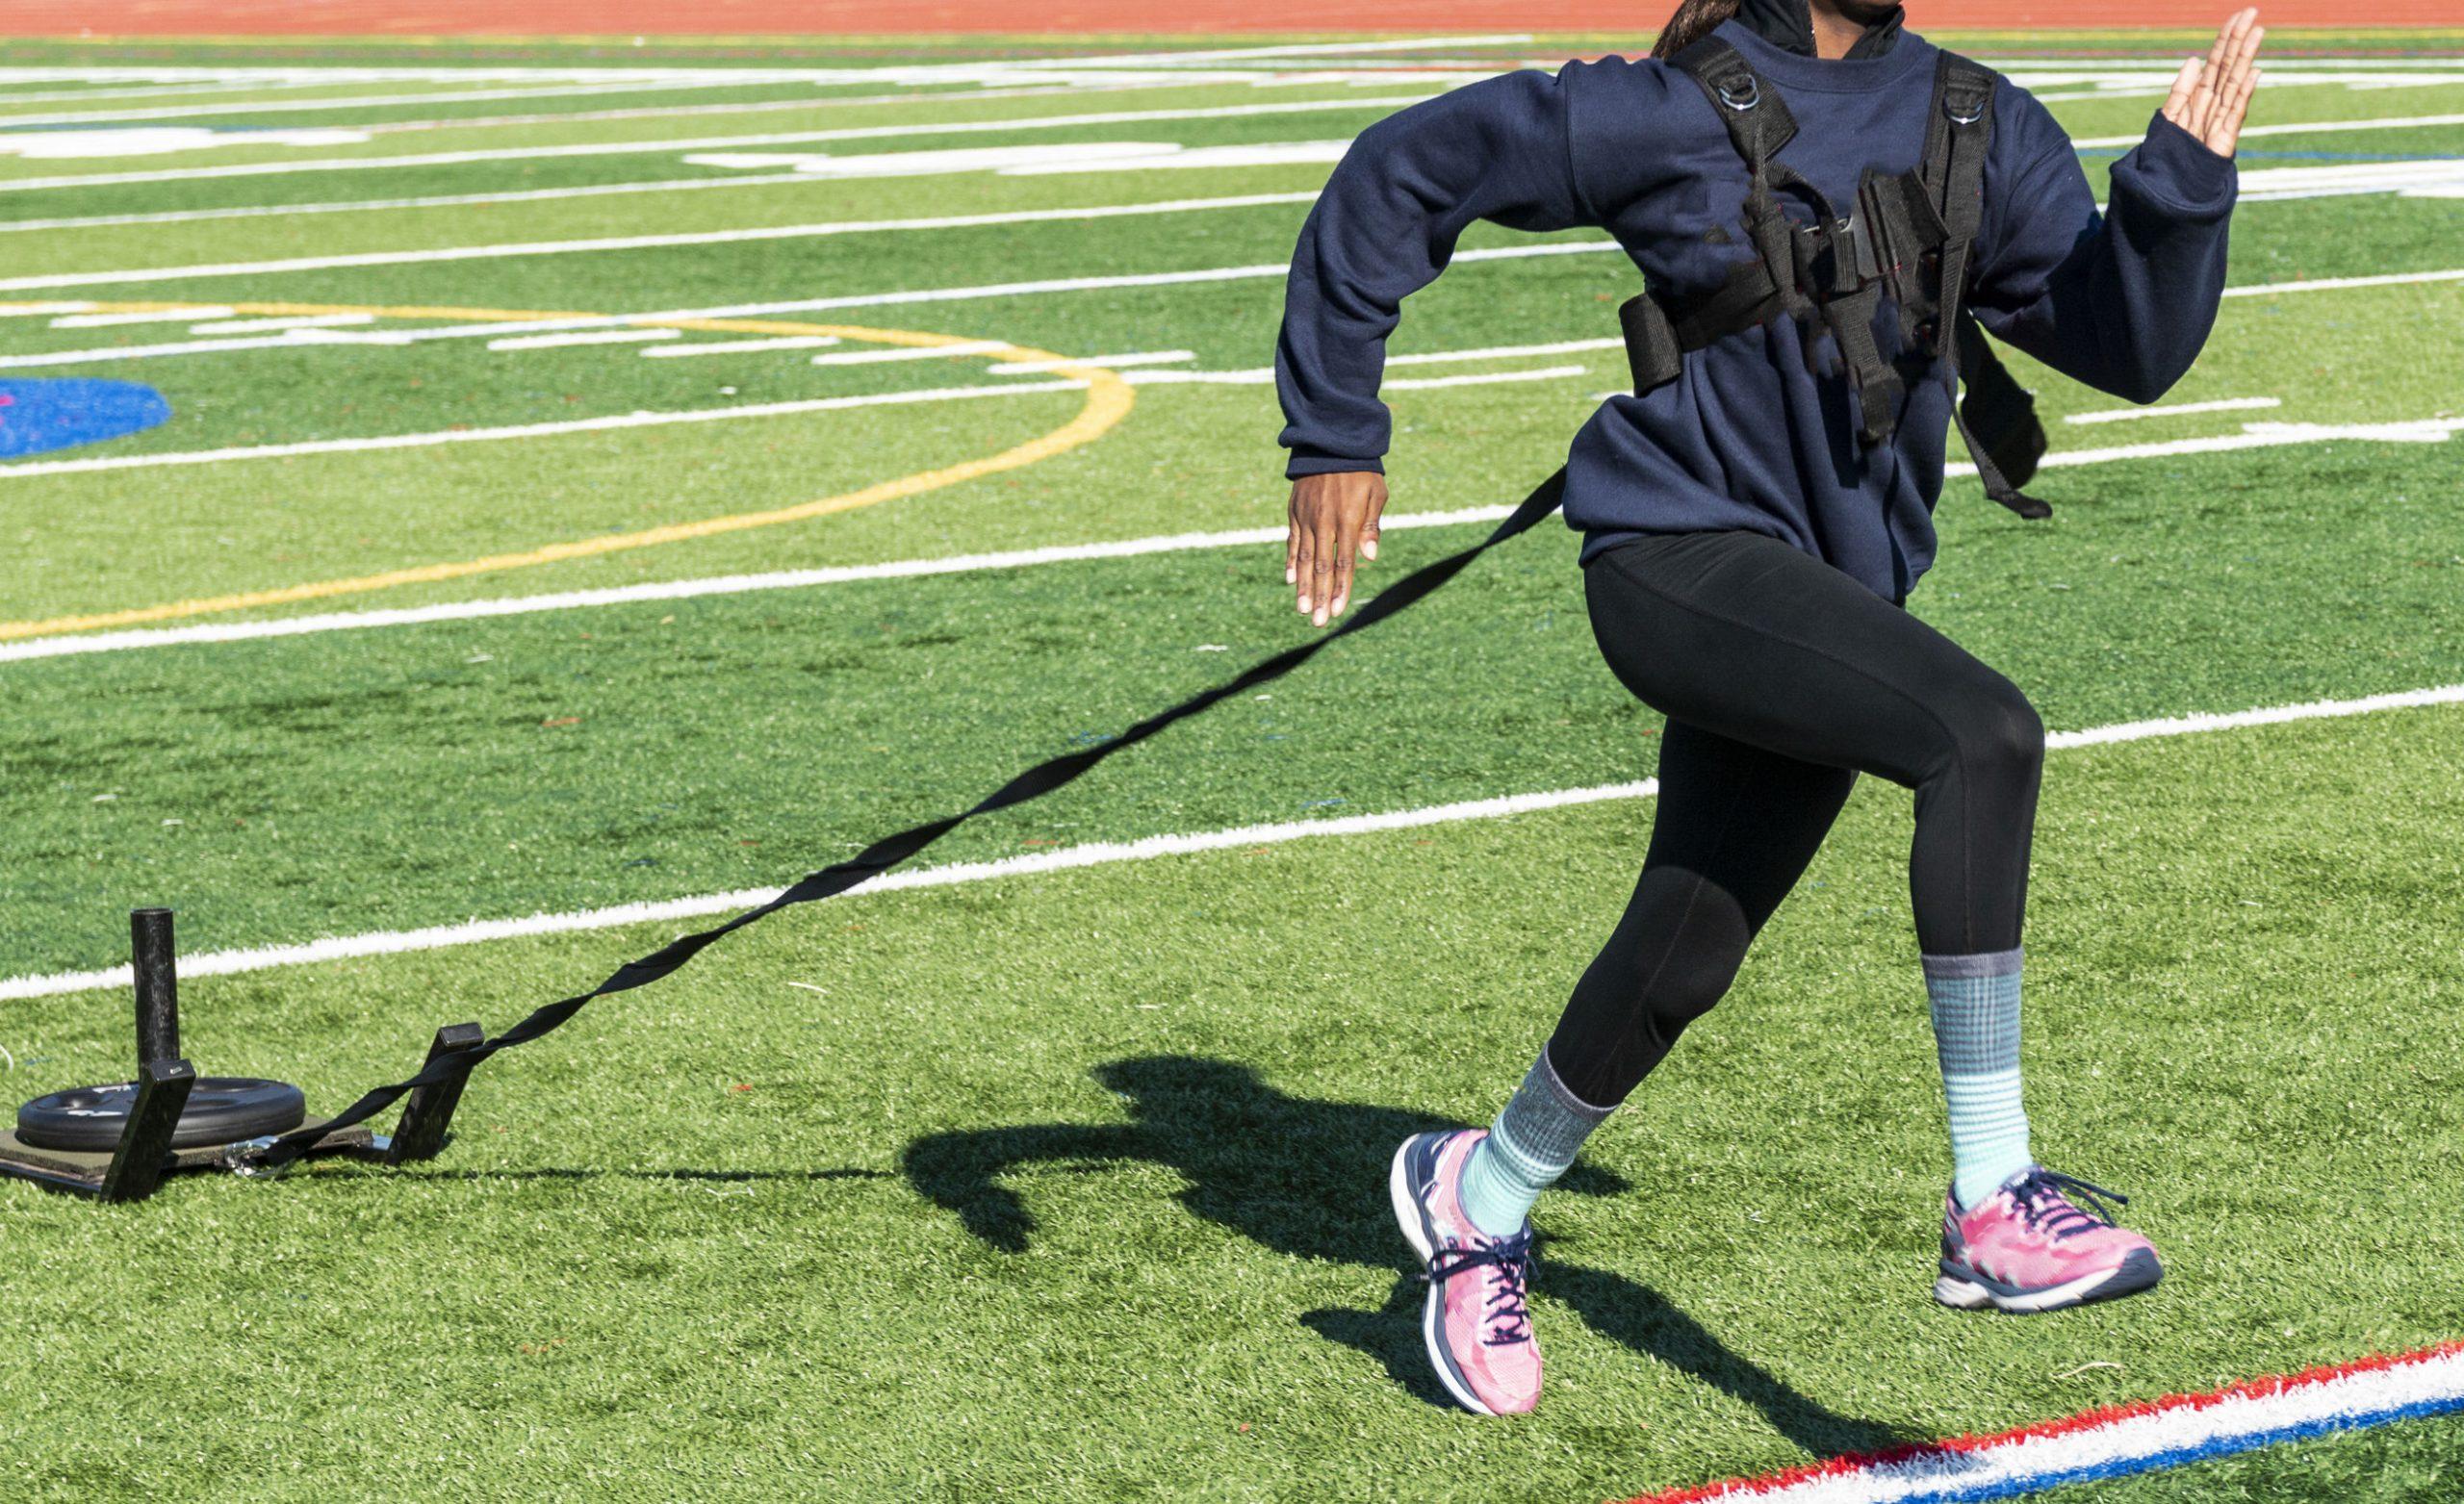 Una velocista de secundaria está corriendo mientras tira de un trineo con un peso sobre él para el entrenamiento de resistencia